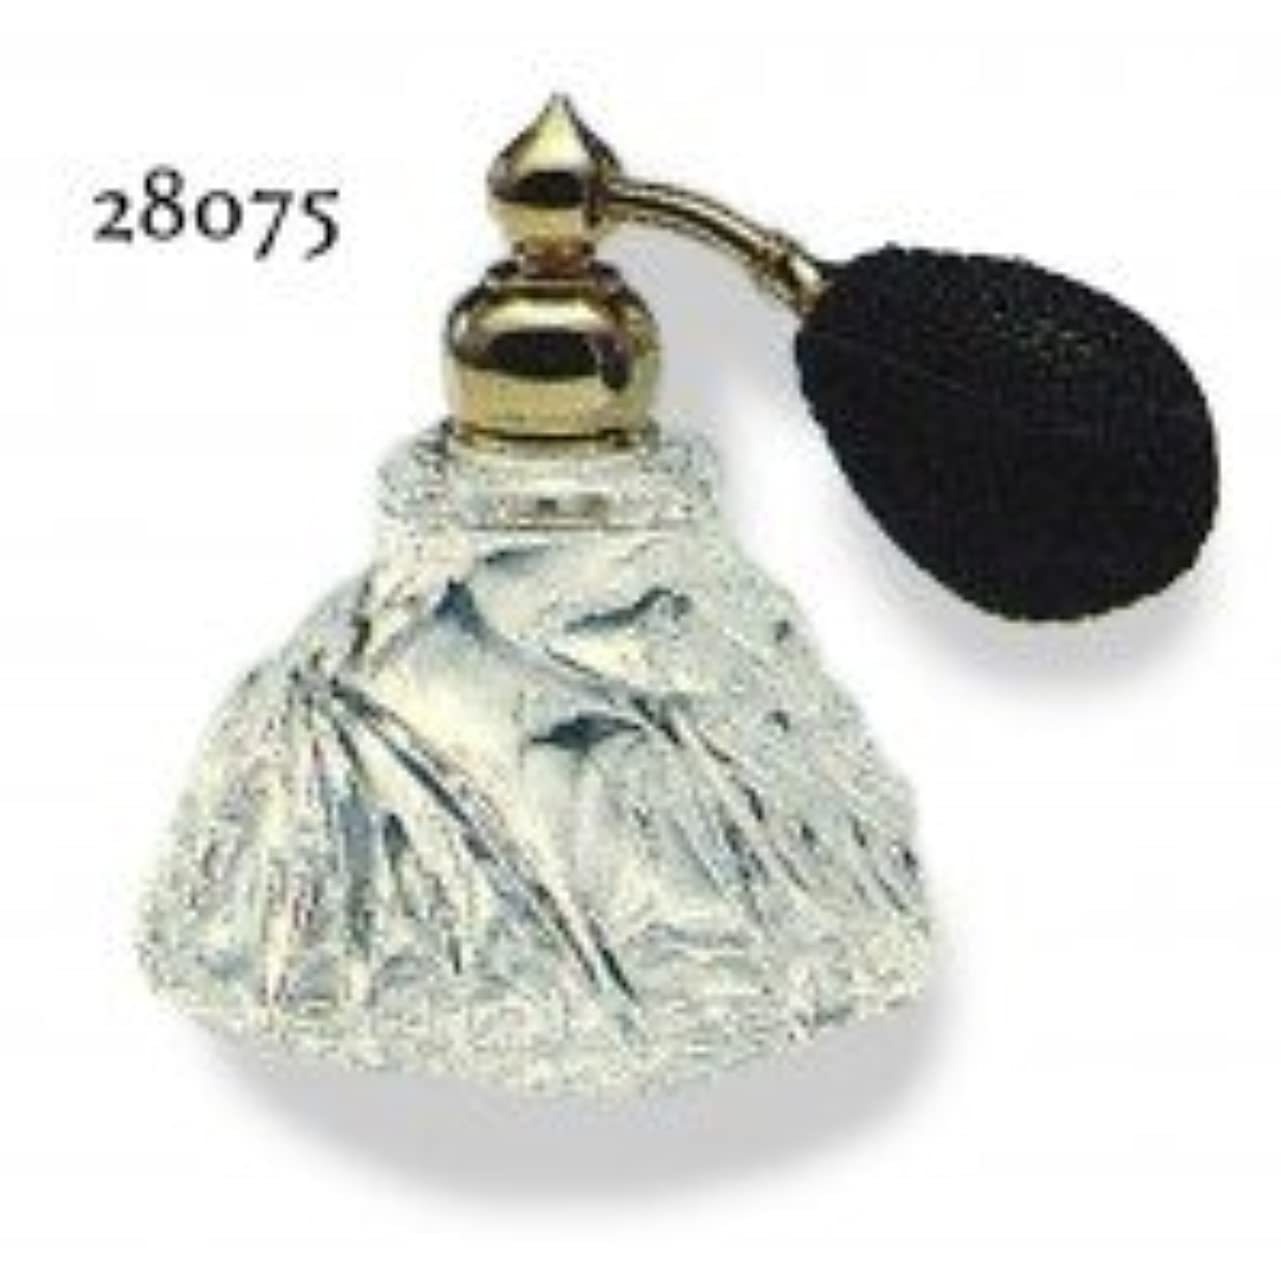 支払い興奮する唇ドイツ製クリスタル香水瓶リードクリスタル 長